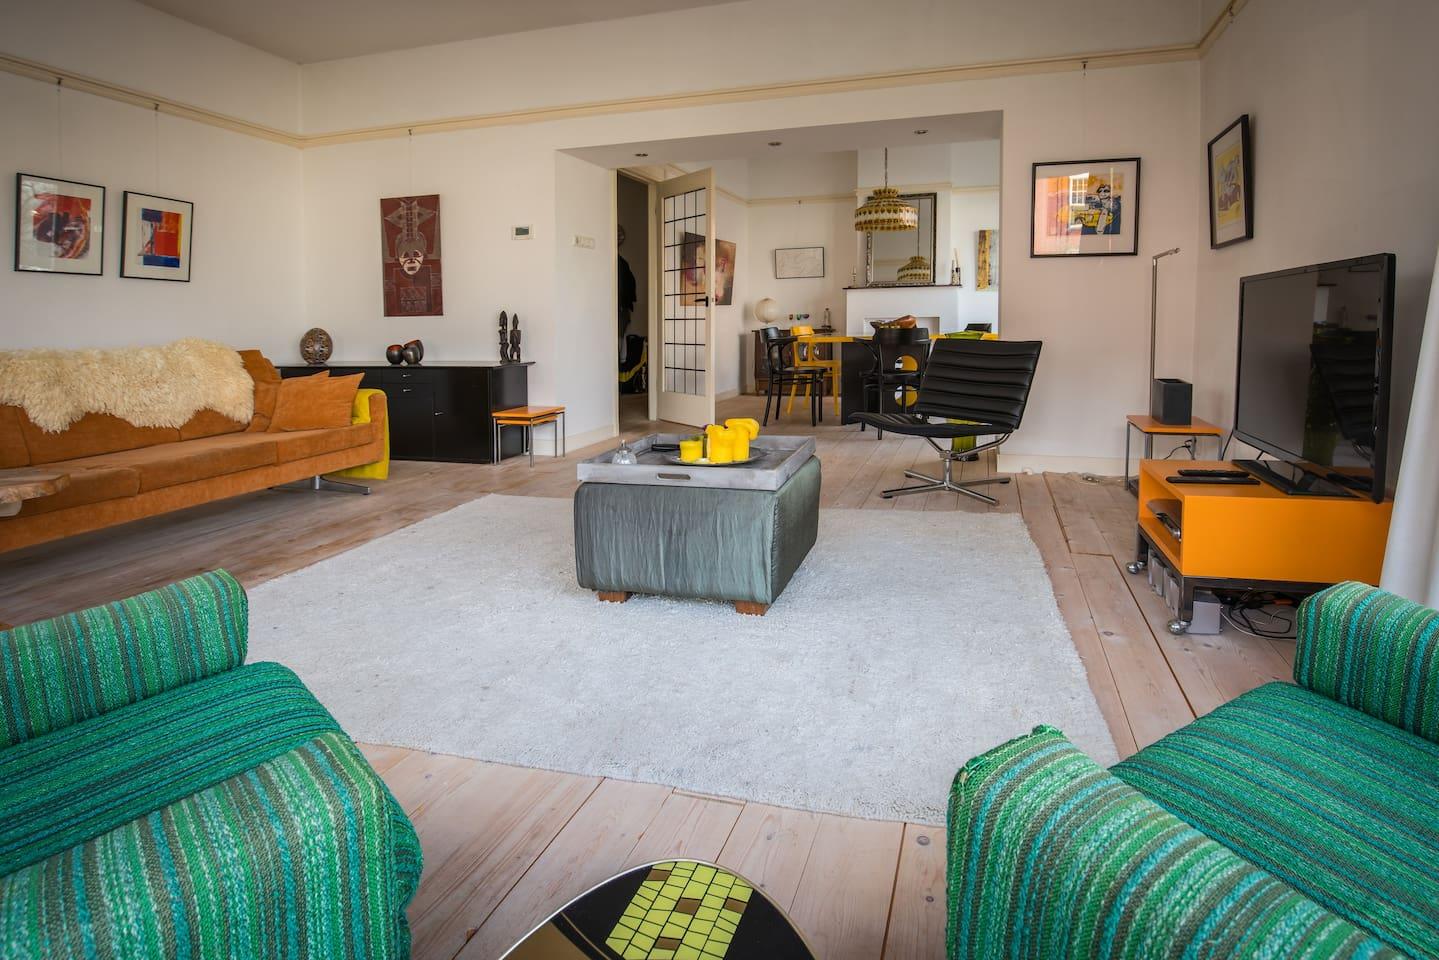 Gezellig appartement Groningen - Wohnungen zur Miete in Groningen ...